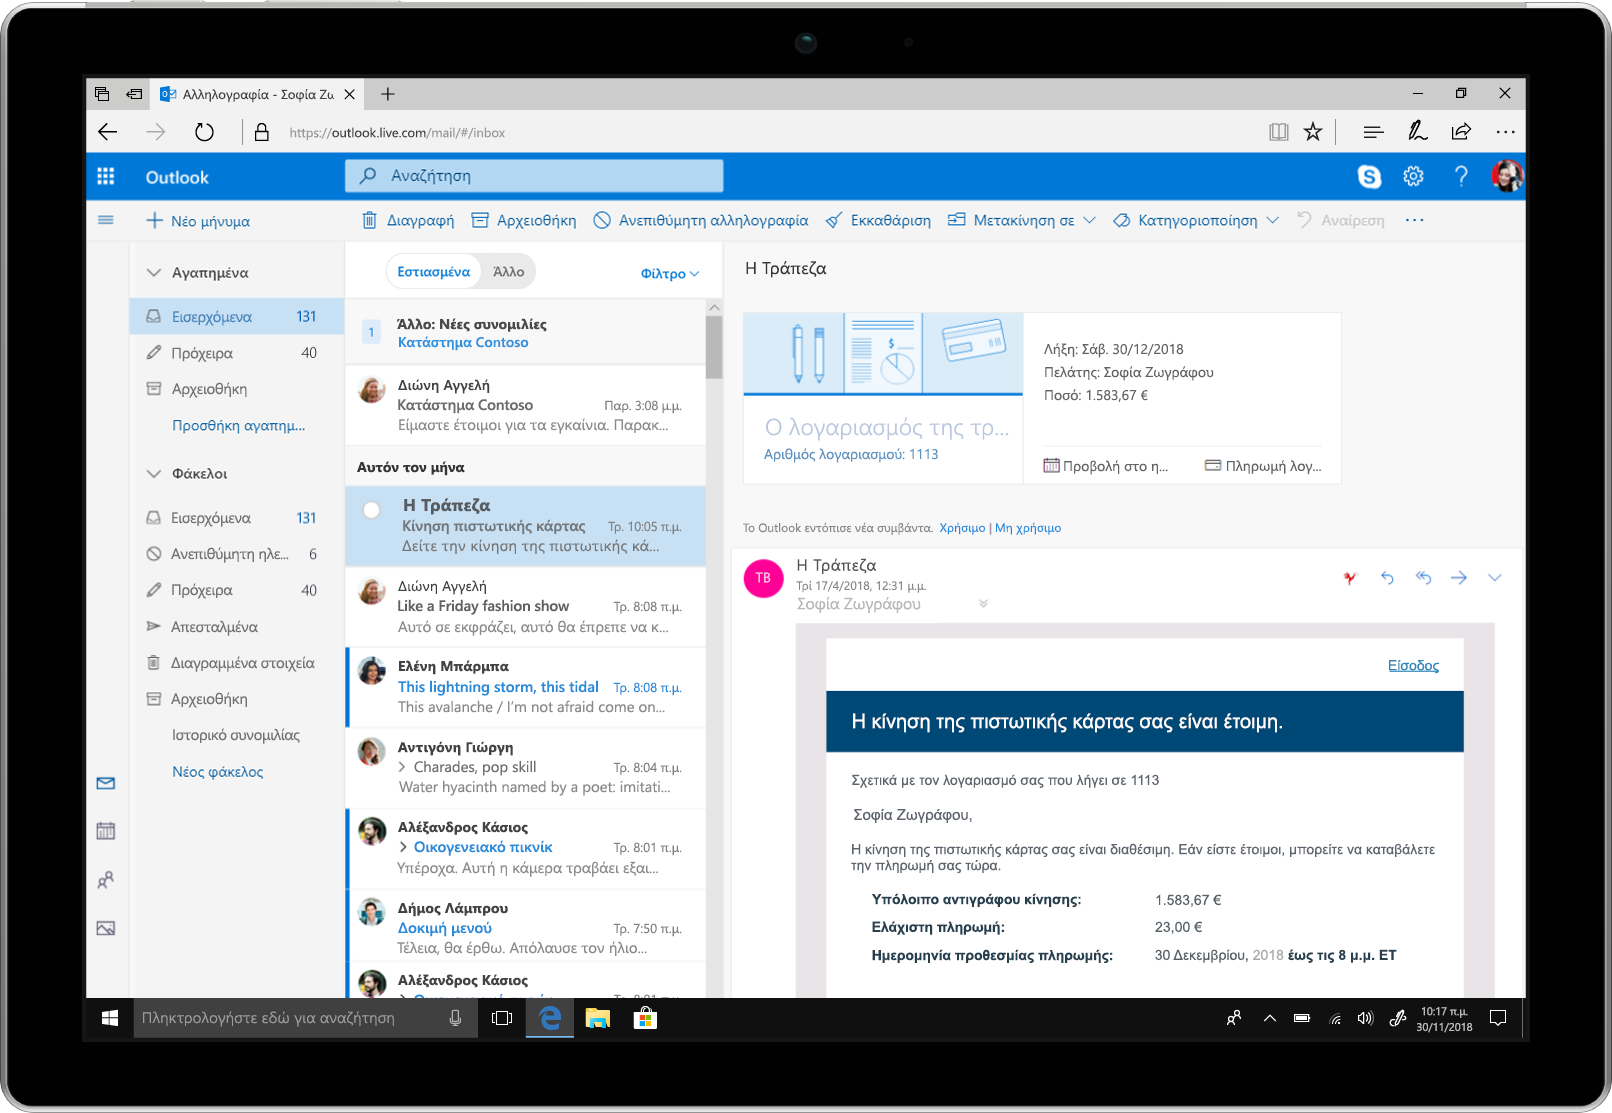 Ένα tablet που εμφανίζει στην οθόνη υπενθυμίσεις πληρωμής λογαριασμών στο Outlook.